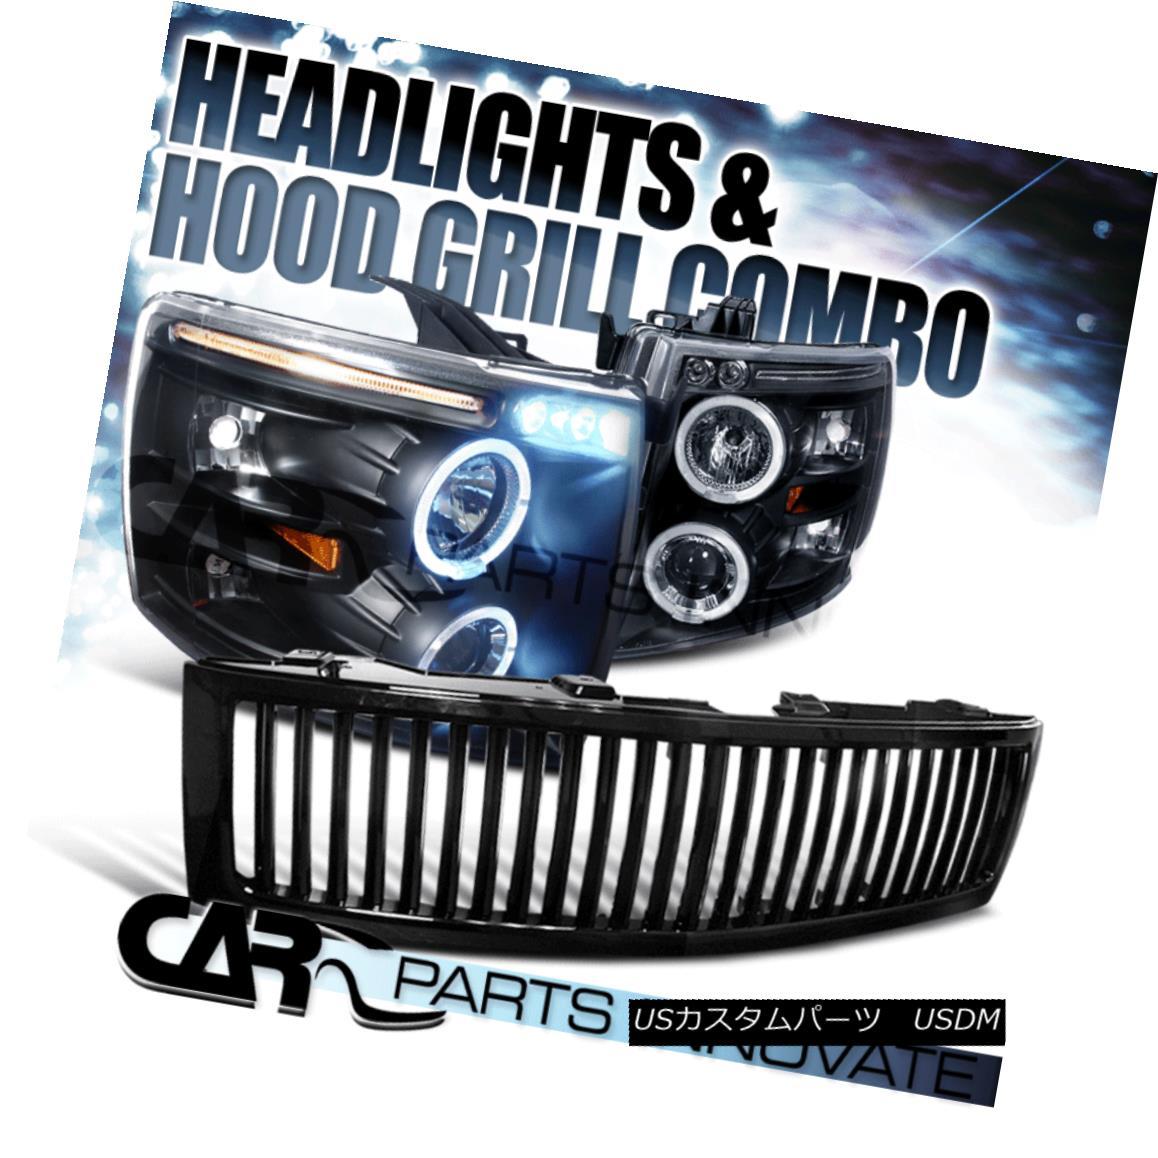 グリル 07-13 Chevy Silverado 1500 Black Halo LED Projector Headlights+Vertical Grille 07-13 Chevy Silverado 1500 Black Halo LEDプロジェクターヘッドライト+ Ver tical Grille